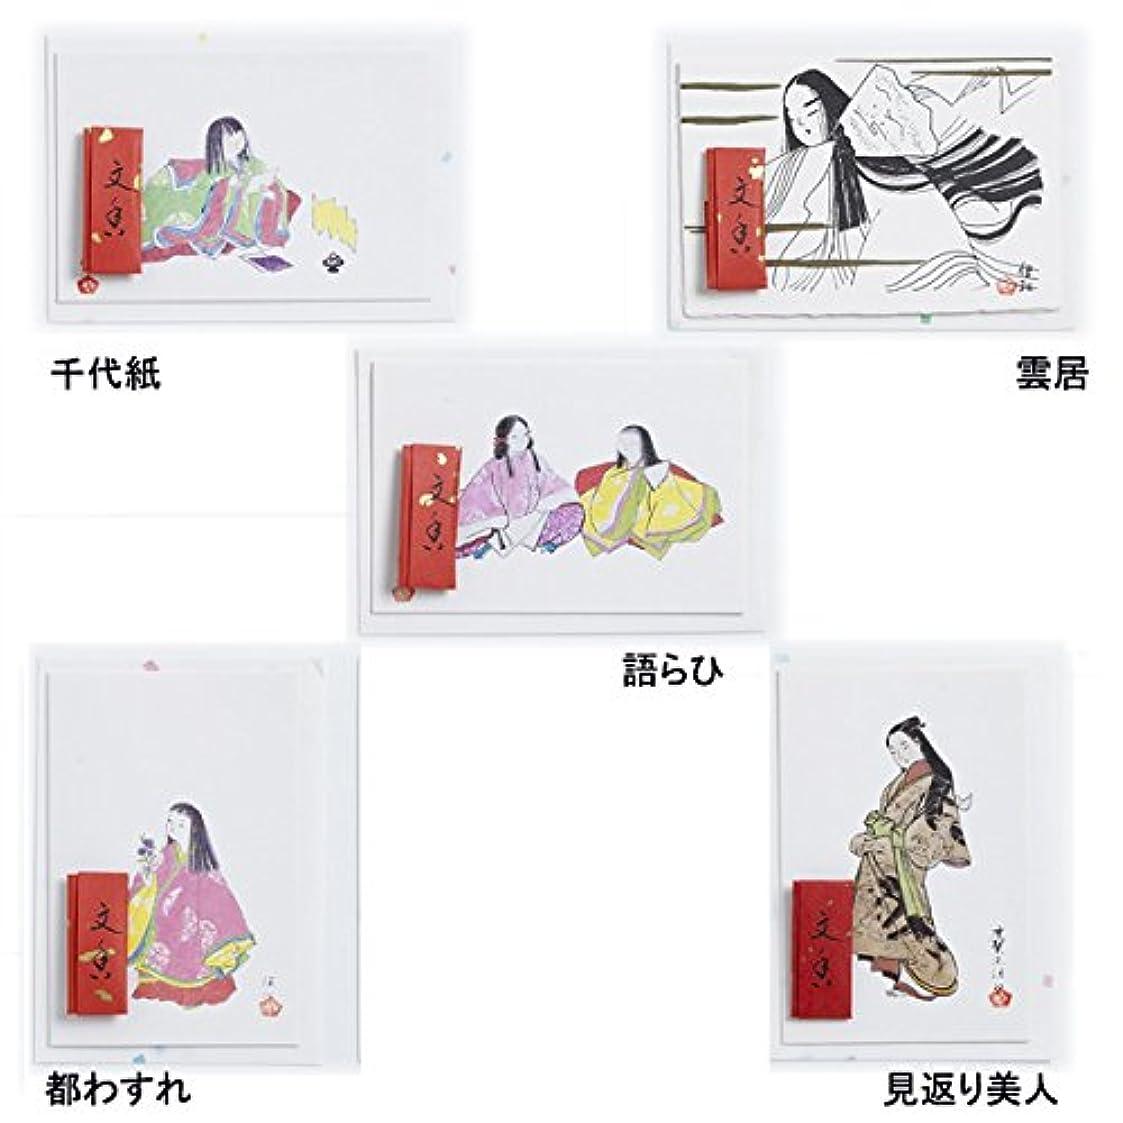 シーサイド失敗にんじんカード(文香入) (雲居)